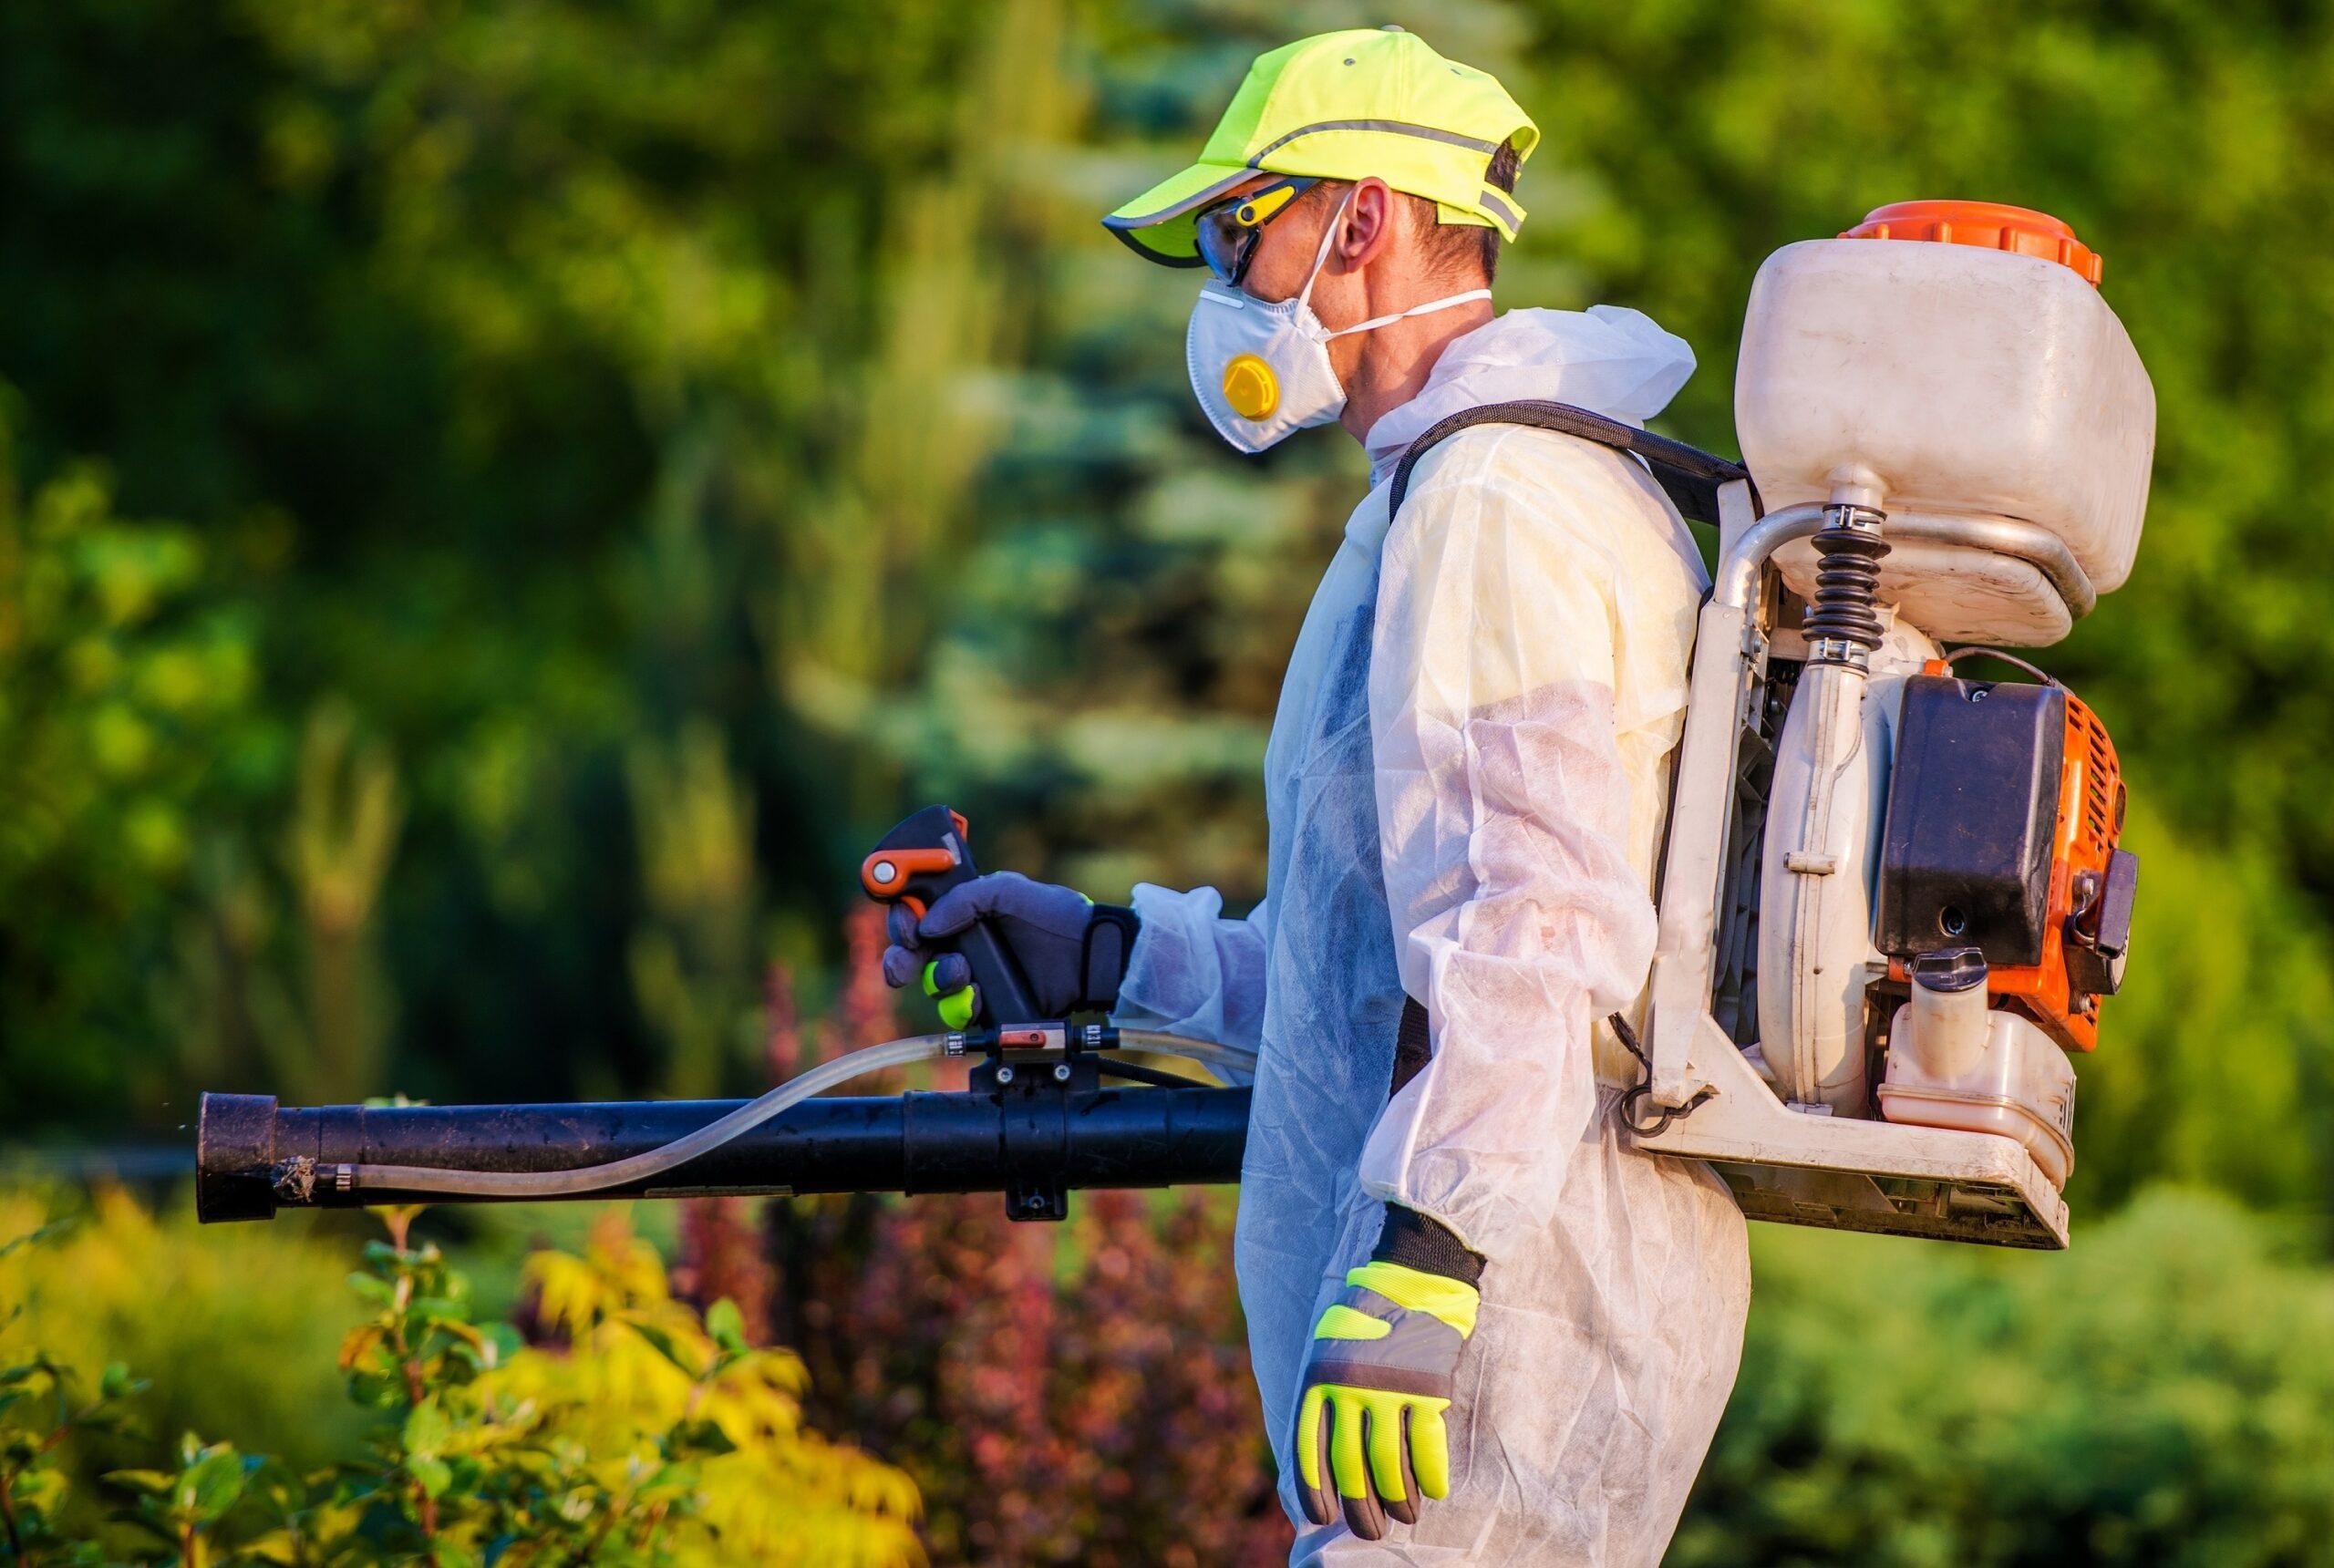 הדברה s-hadbara מדבירי החרקים זריזים עם מלא ידע בתחום שיודעים לאתר איפה יתושים דוגרים תוך כדי שיפוץ בבית המודבר